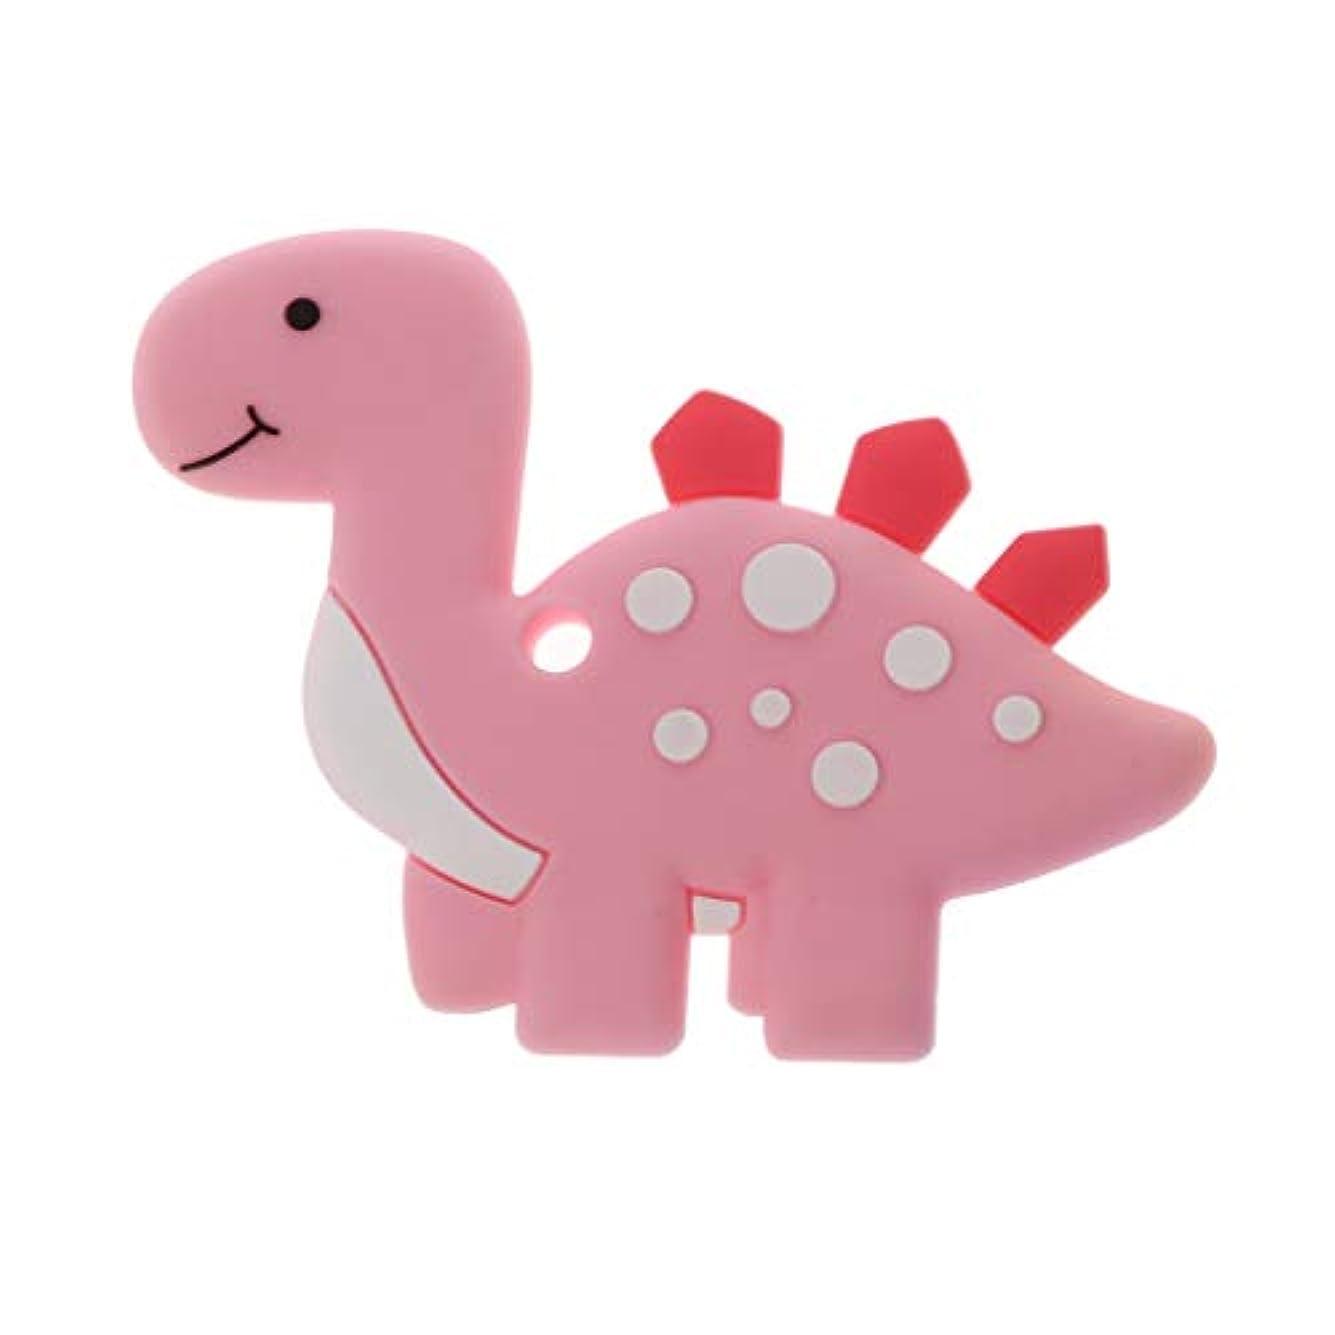 放棄する鷹ファントムLanddumシリコーンおしゃぶり恐竜おしゃべり赤ちゃん看護玩具かむ玩具歯が生えるガラガラおもちゃ - ロイヤルブルー